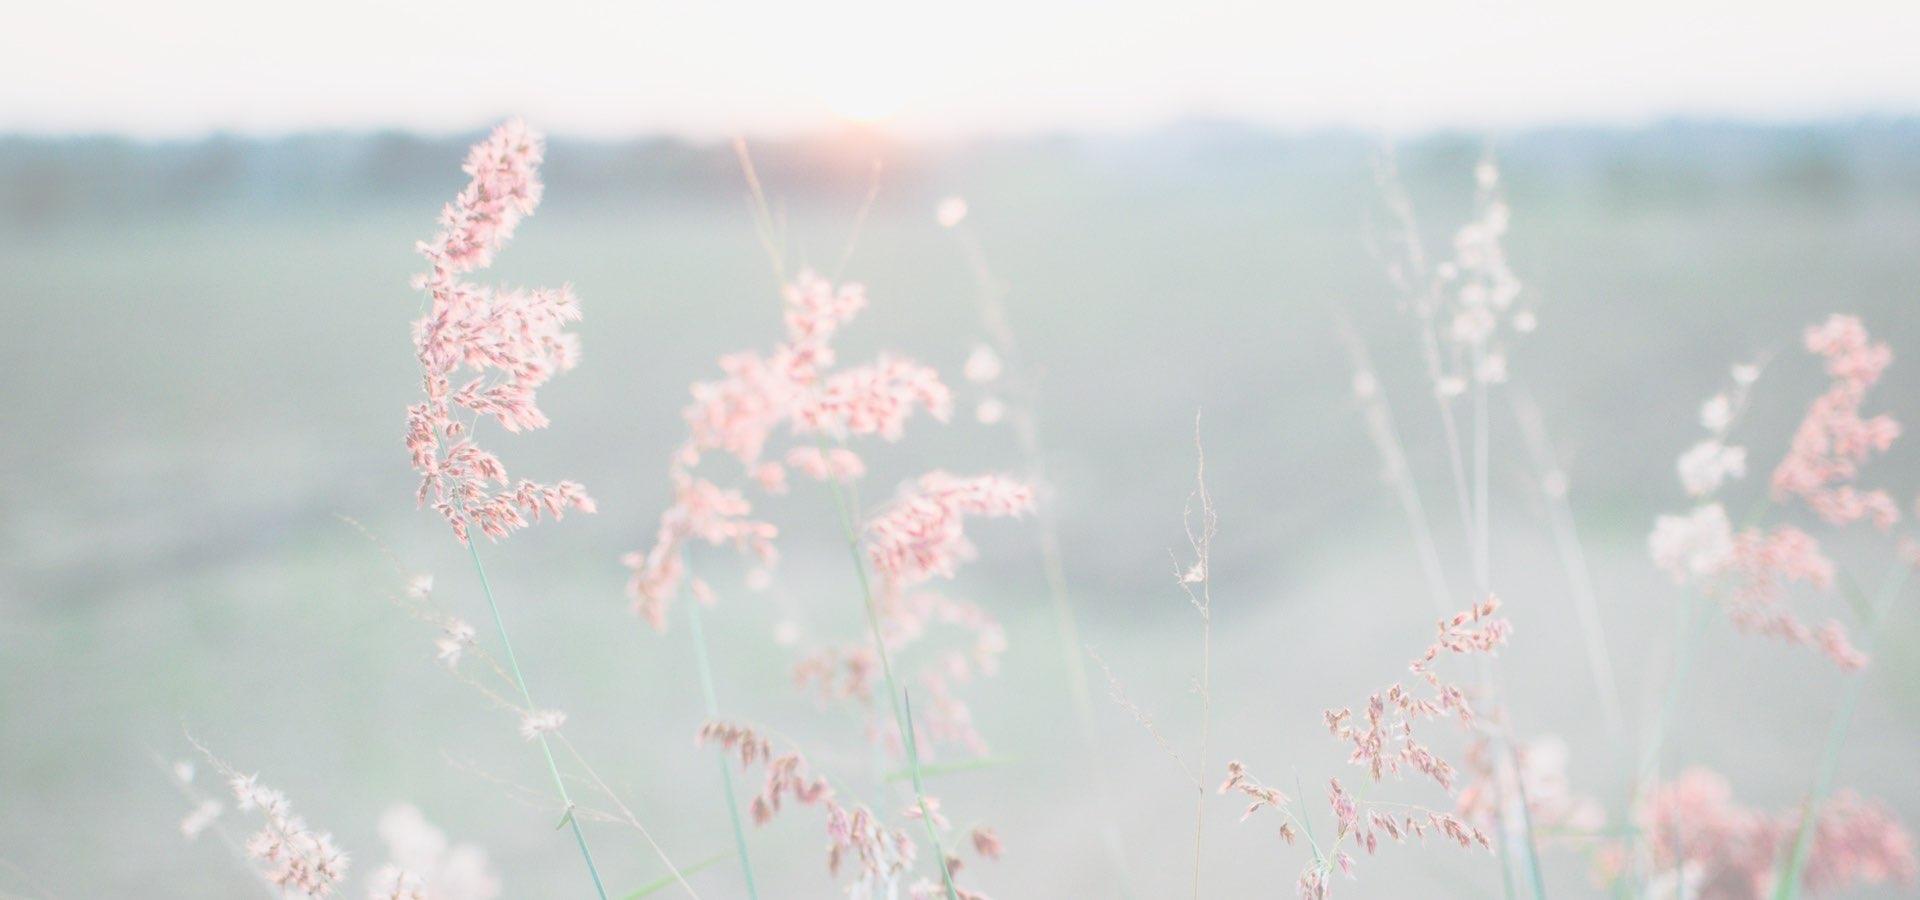 Flores-delicadas-tranquilidad